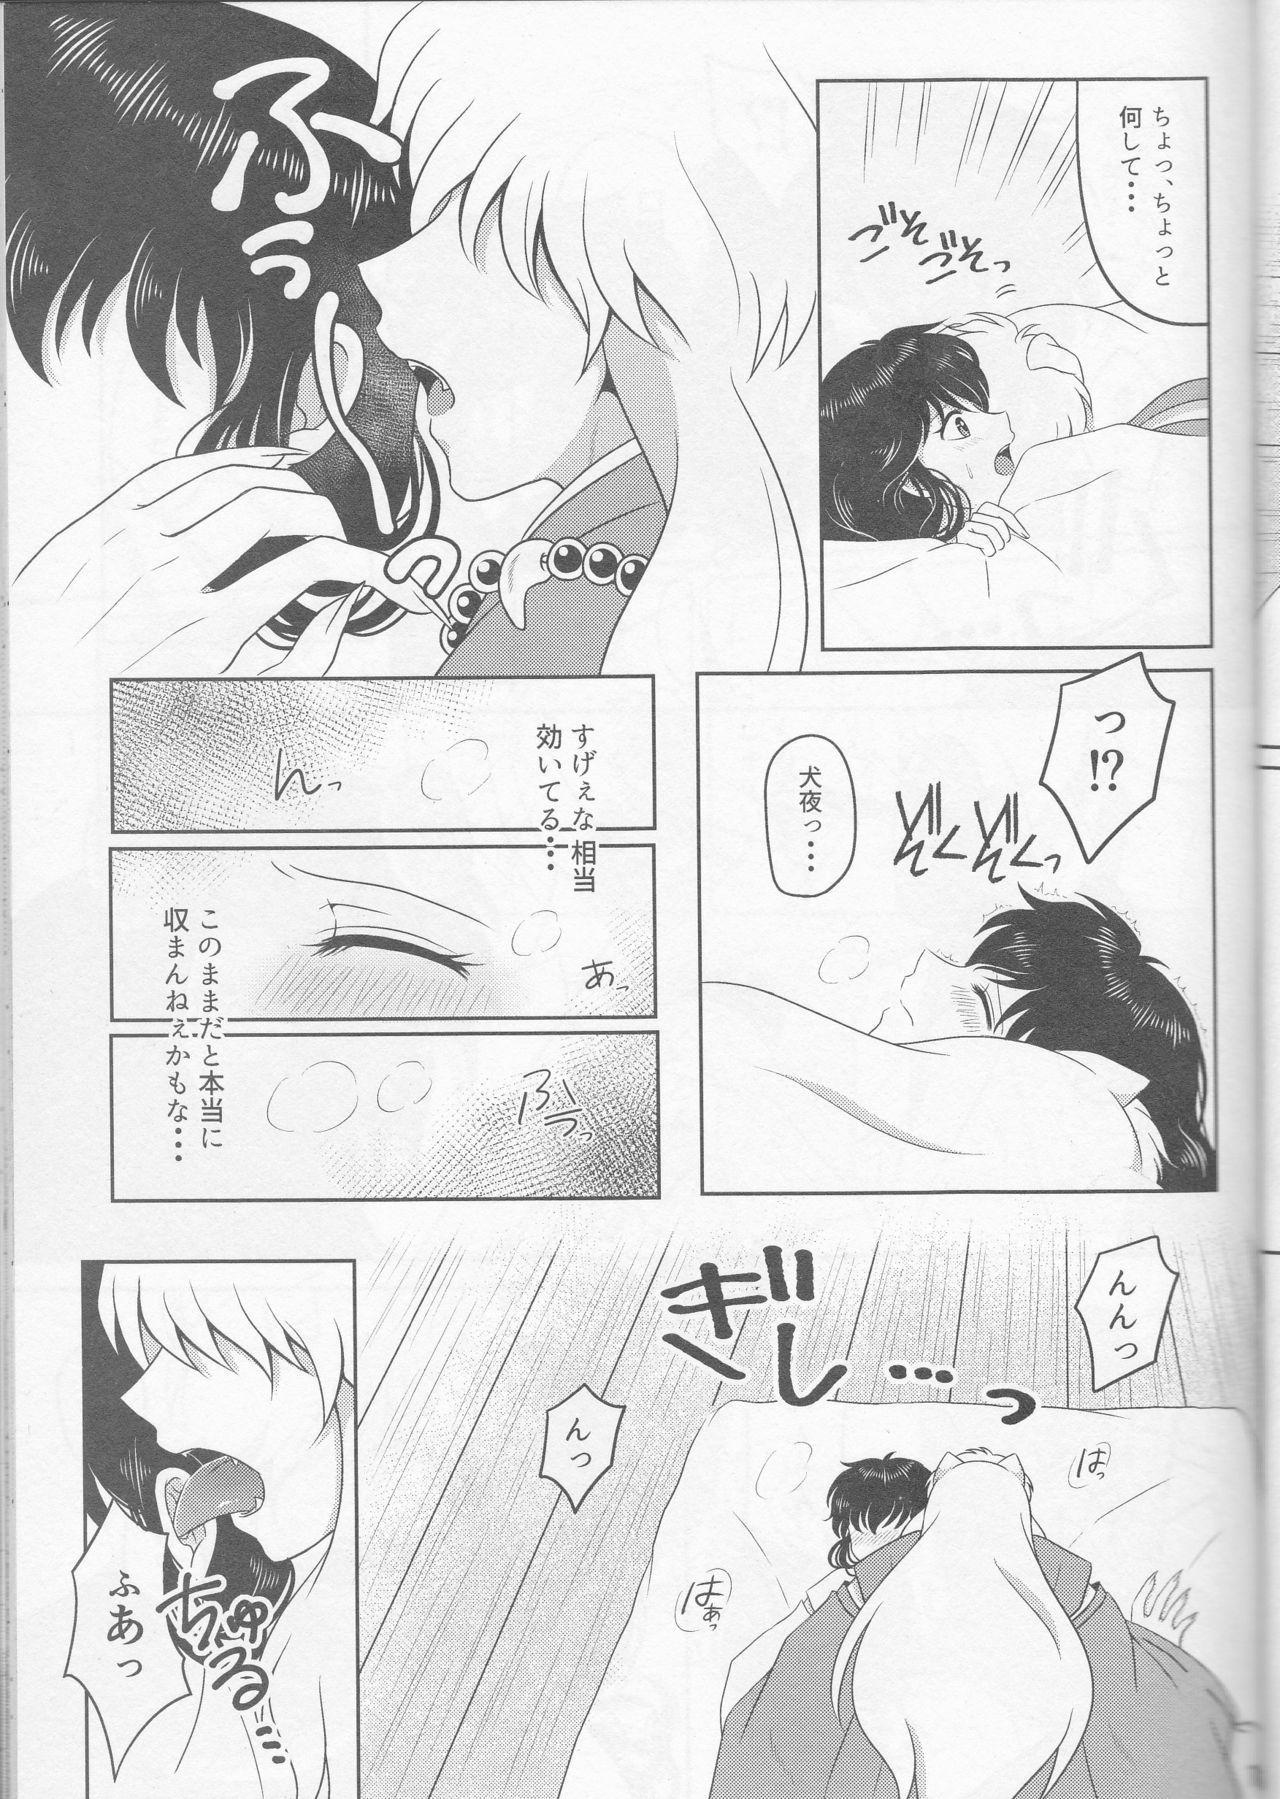 Koi Gusuri - Love drug 16